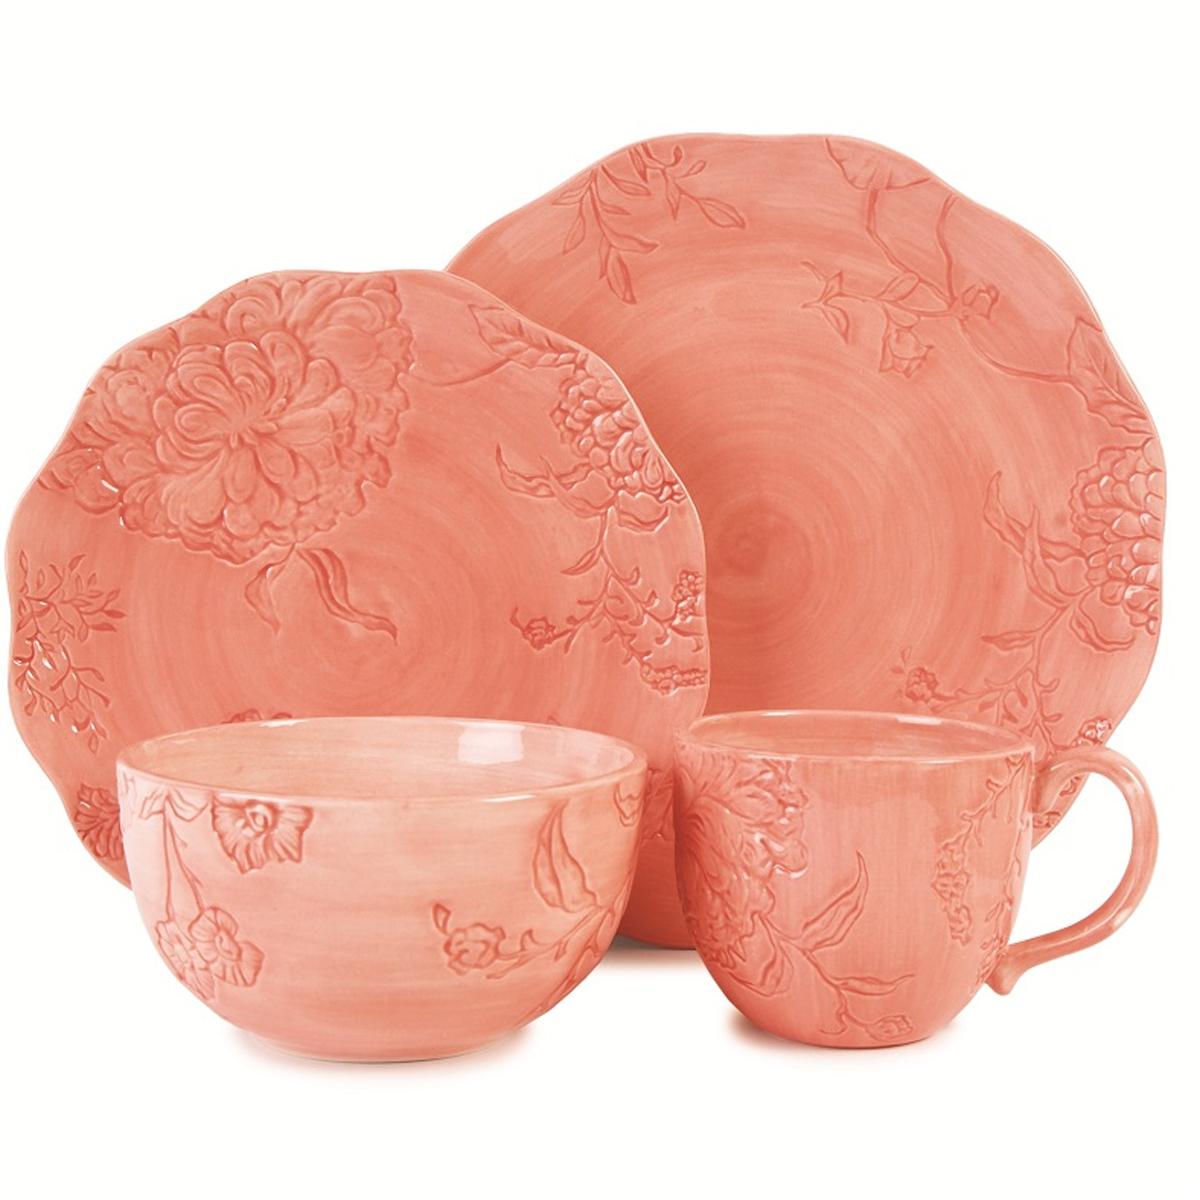 Набор столовой посуды Fitz and Floyd Гортензия, 4 предмета20-315Набор столовой посуды Fitz and Floyd Гортензия изготовлен из высококачественной керамики, состоящий из двух тарелок разных размеров, супницы и кружки. Изделия оформлены рельефным цветочным рисунком. Такая посуда уникальна своим дизайном, поскольку раскрашена вручную. Набор столовой посуды Fitz and Floyd Гортензия будет уместен на любой кухне и прекрасно подойдет для сервировки праздничного стола. Можно использовать в микроволновой печи, а также мыть в посудомоечной машине. Диаметр большой тарелки: 27,5 см. Высота большой тарелки: 3 см. Диаметр малой тарелки: 23,5 см. Высота большой тарелки: 2,5 см. Диаметр супницы: 14,5 см. Высота супницы: 8 см. Объем кружки: 500 мл. Диаметр кружки (по верхнему краю): 10 см. Высота кружки: 9,5 см.